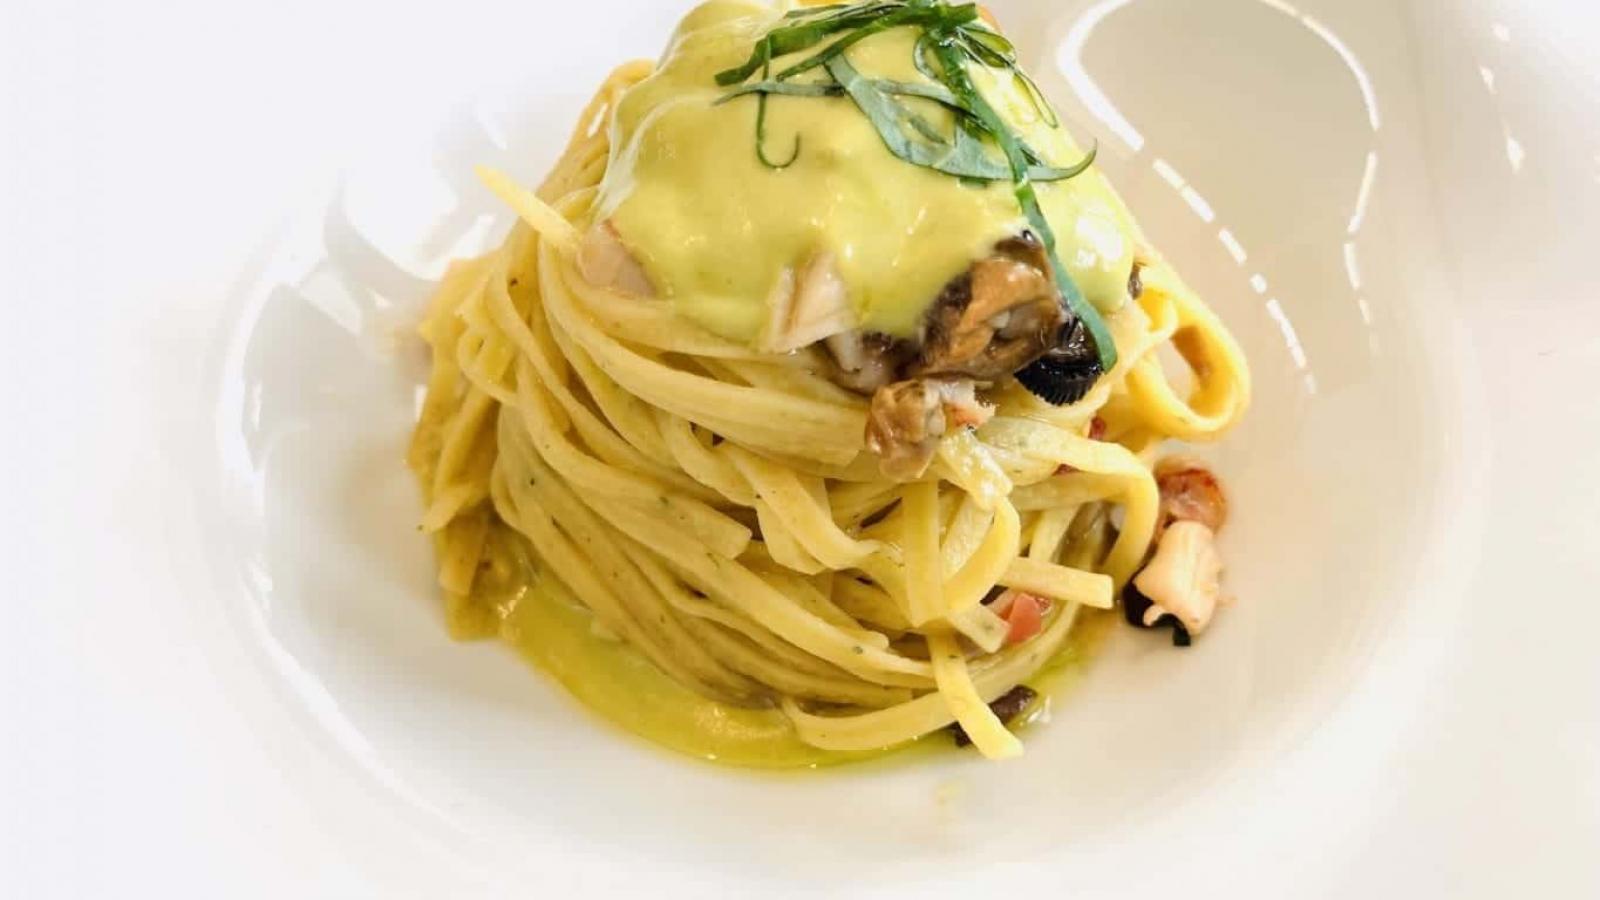 Tagliolini all'aneto con dentice, vongole, astice e salsa al pistacchio al Calandrino-min